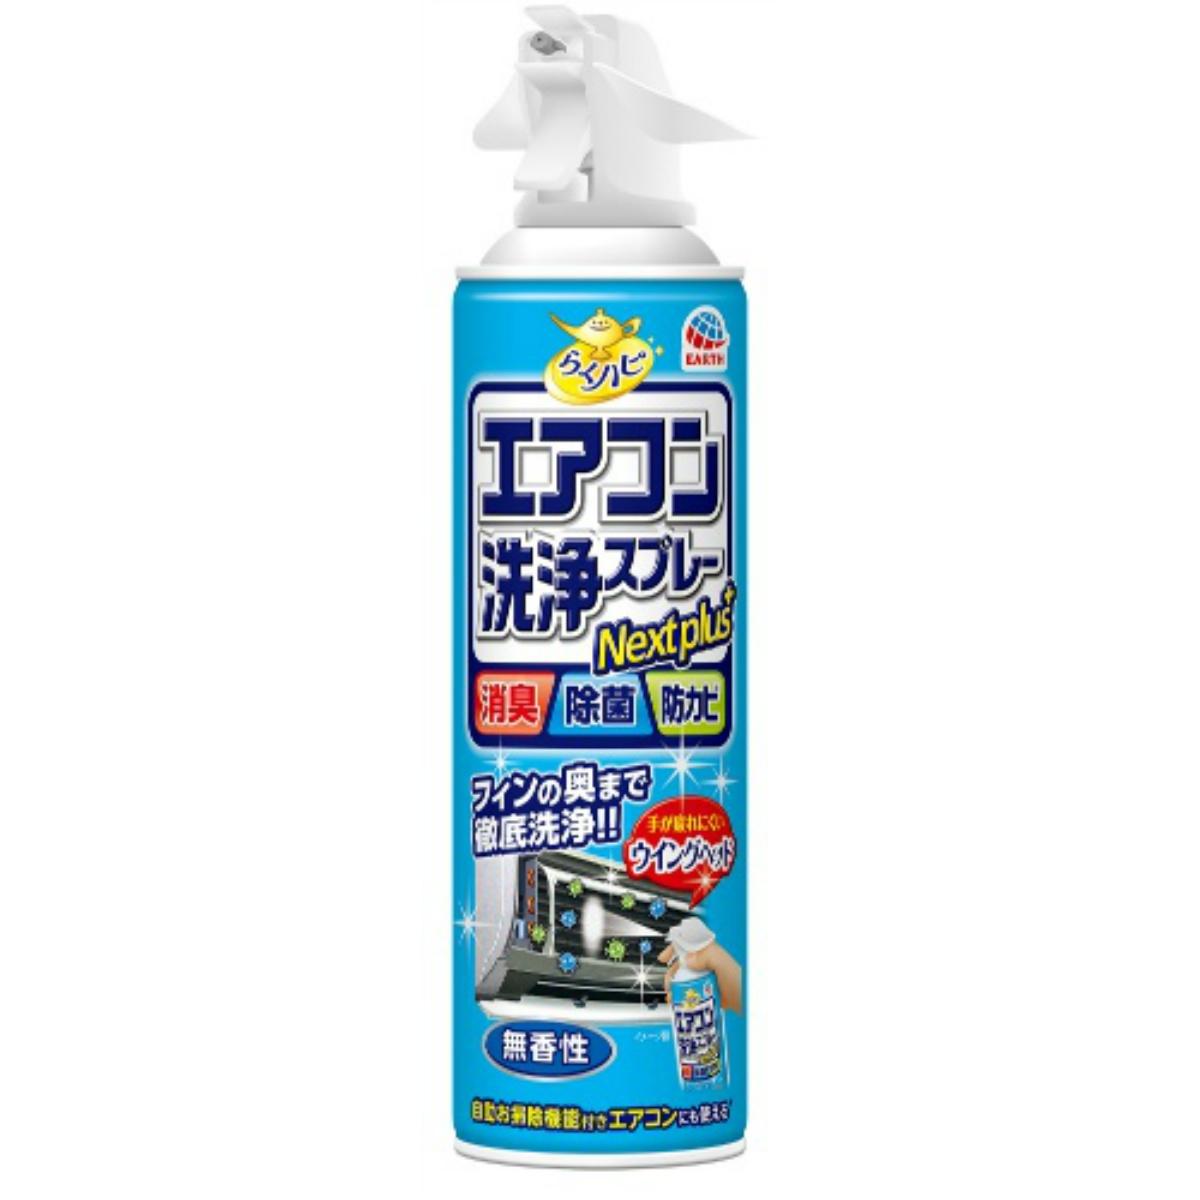 スプレーするだけでエアコンを簡単洗浄 アース製薬 らくハピ エアコン 洗浄スプレー Nextplus 無香性 420ml